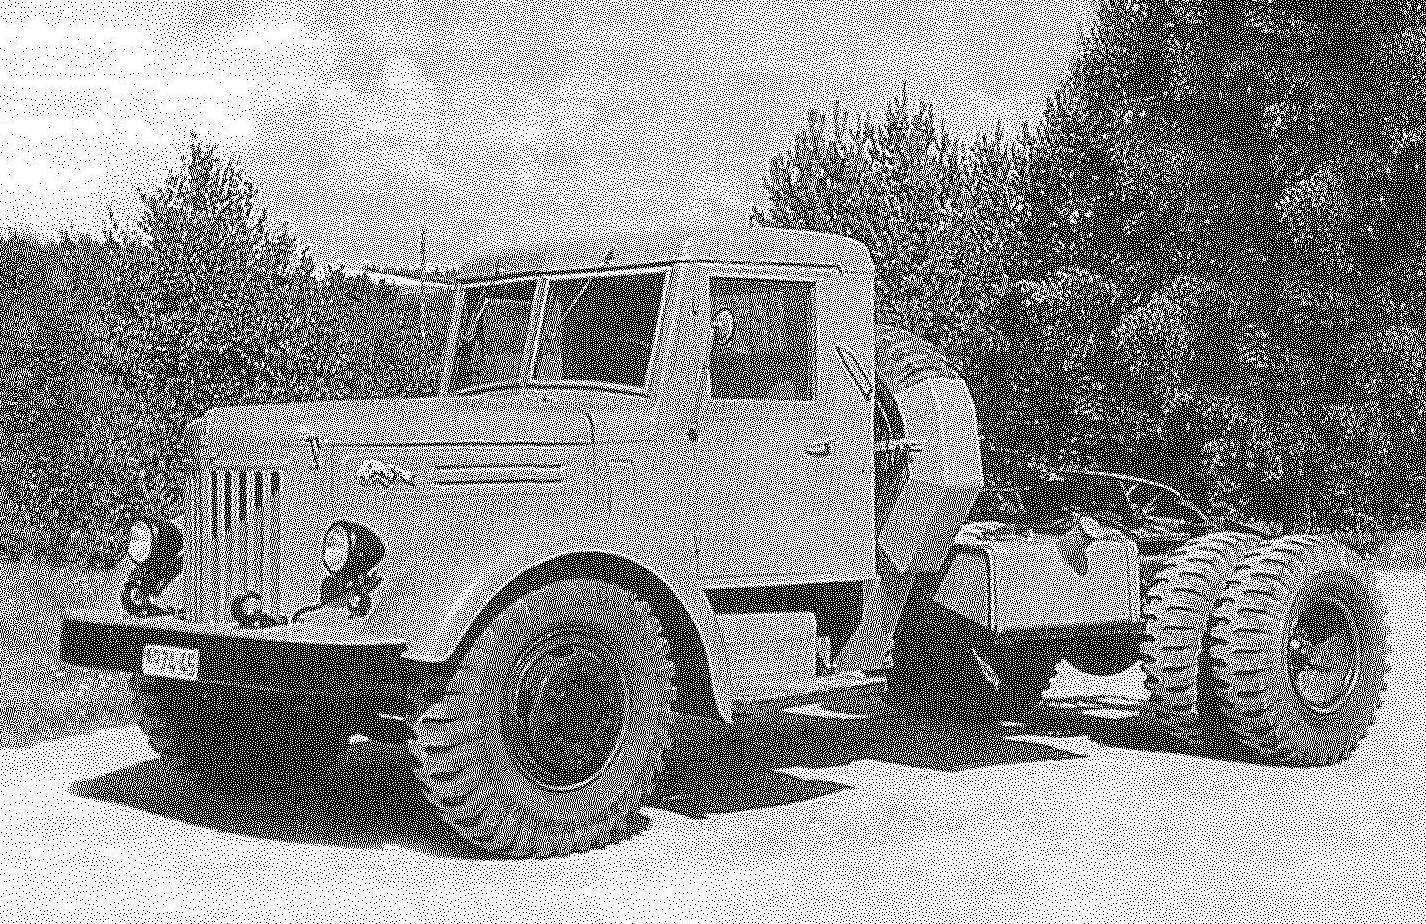 Седельный тягач МАЗ-200В мог работать в паре с полуприцепом полной массой до 16,5 т